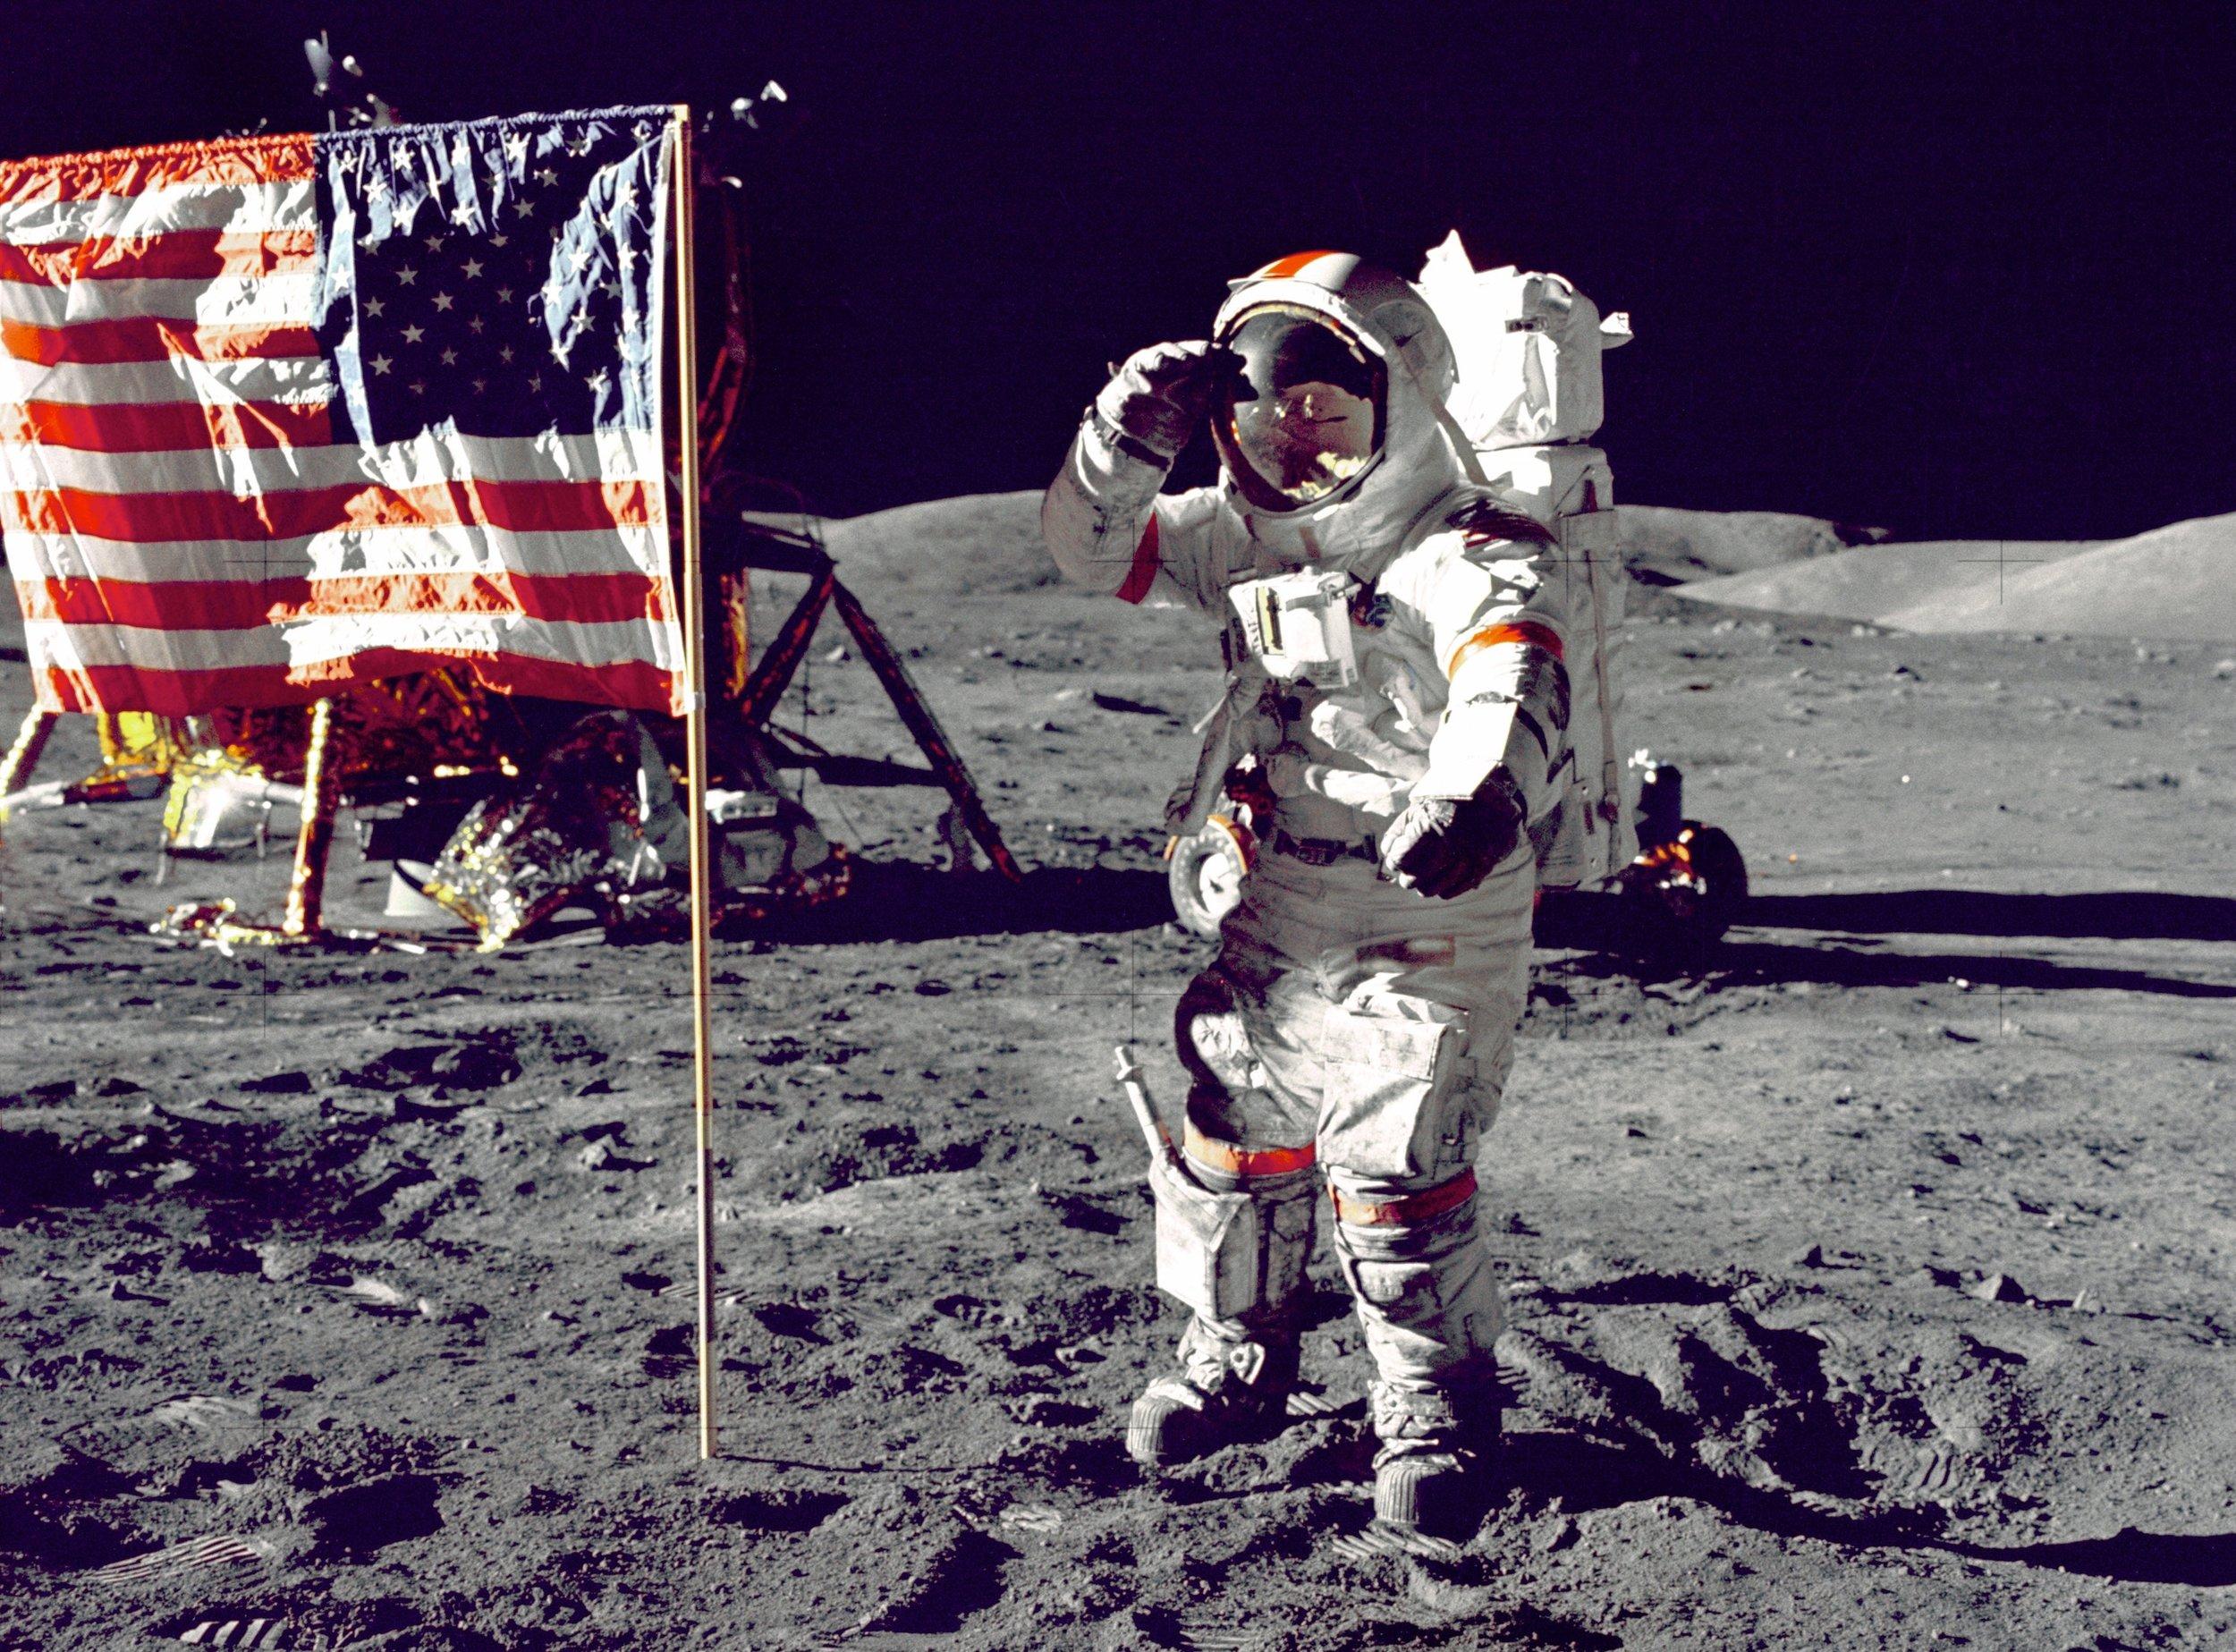 Image via    NASA    (Unsplash.com)